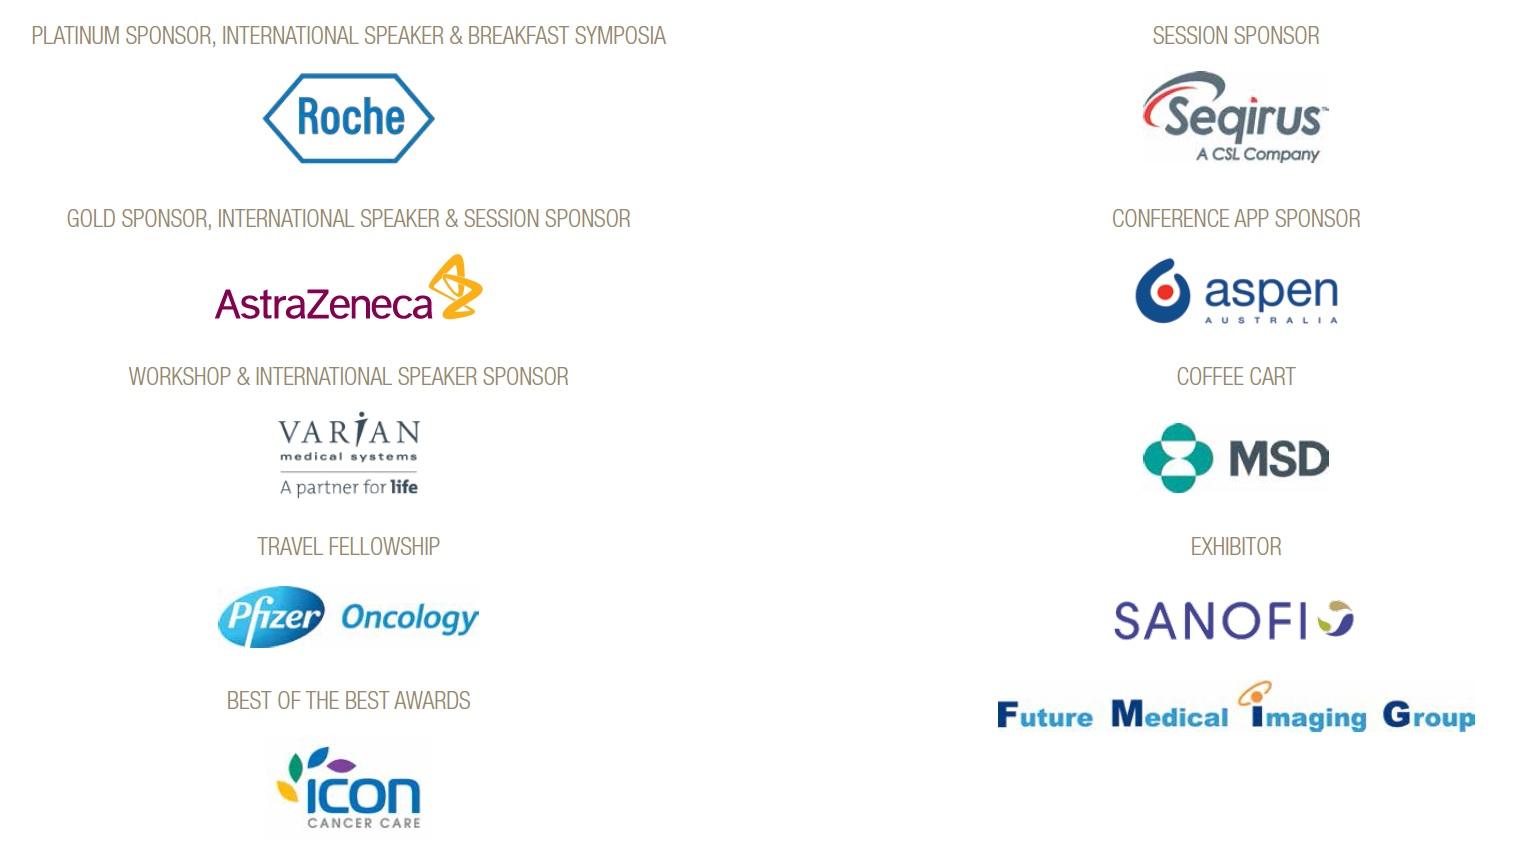 asm sponsors